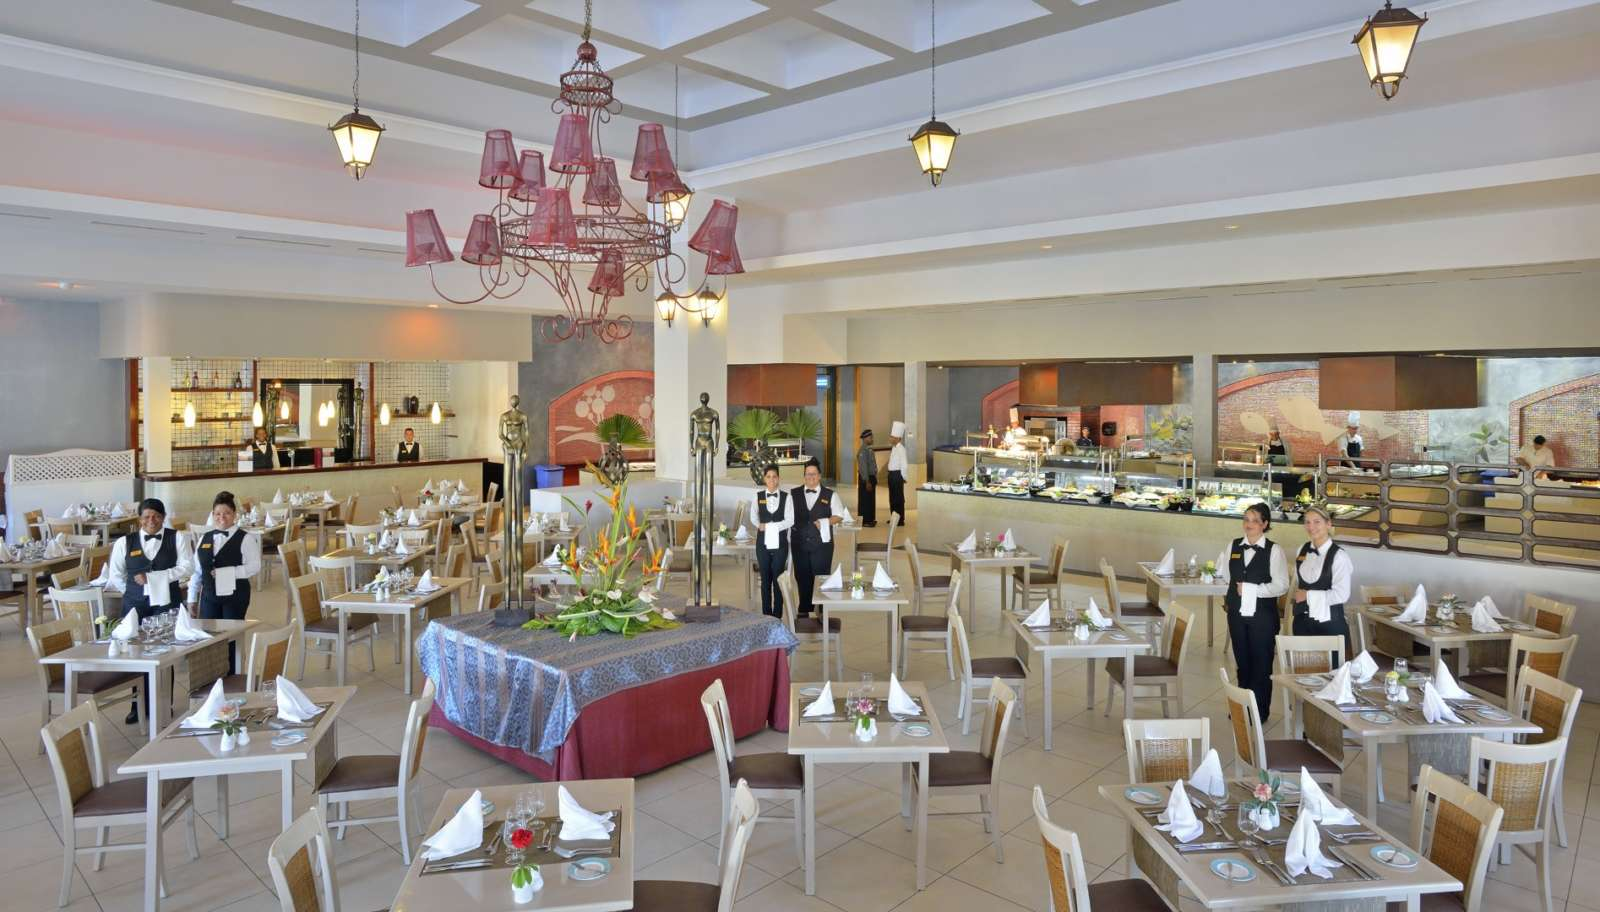 Main buffet restaurant at Paradisus Princesa Varadero